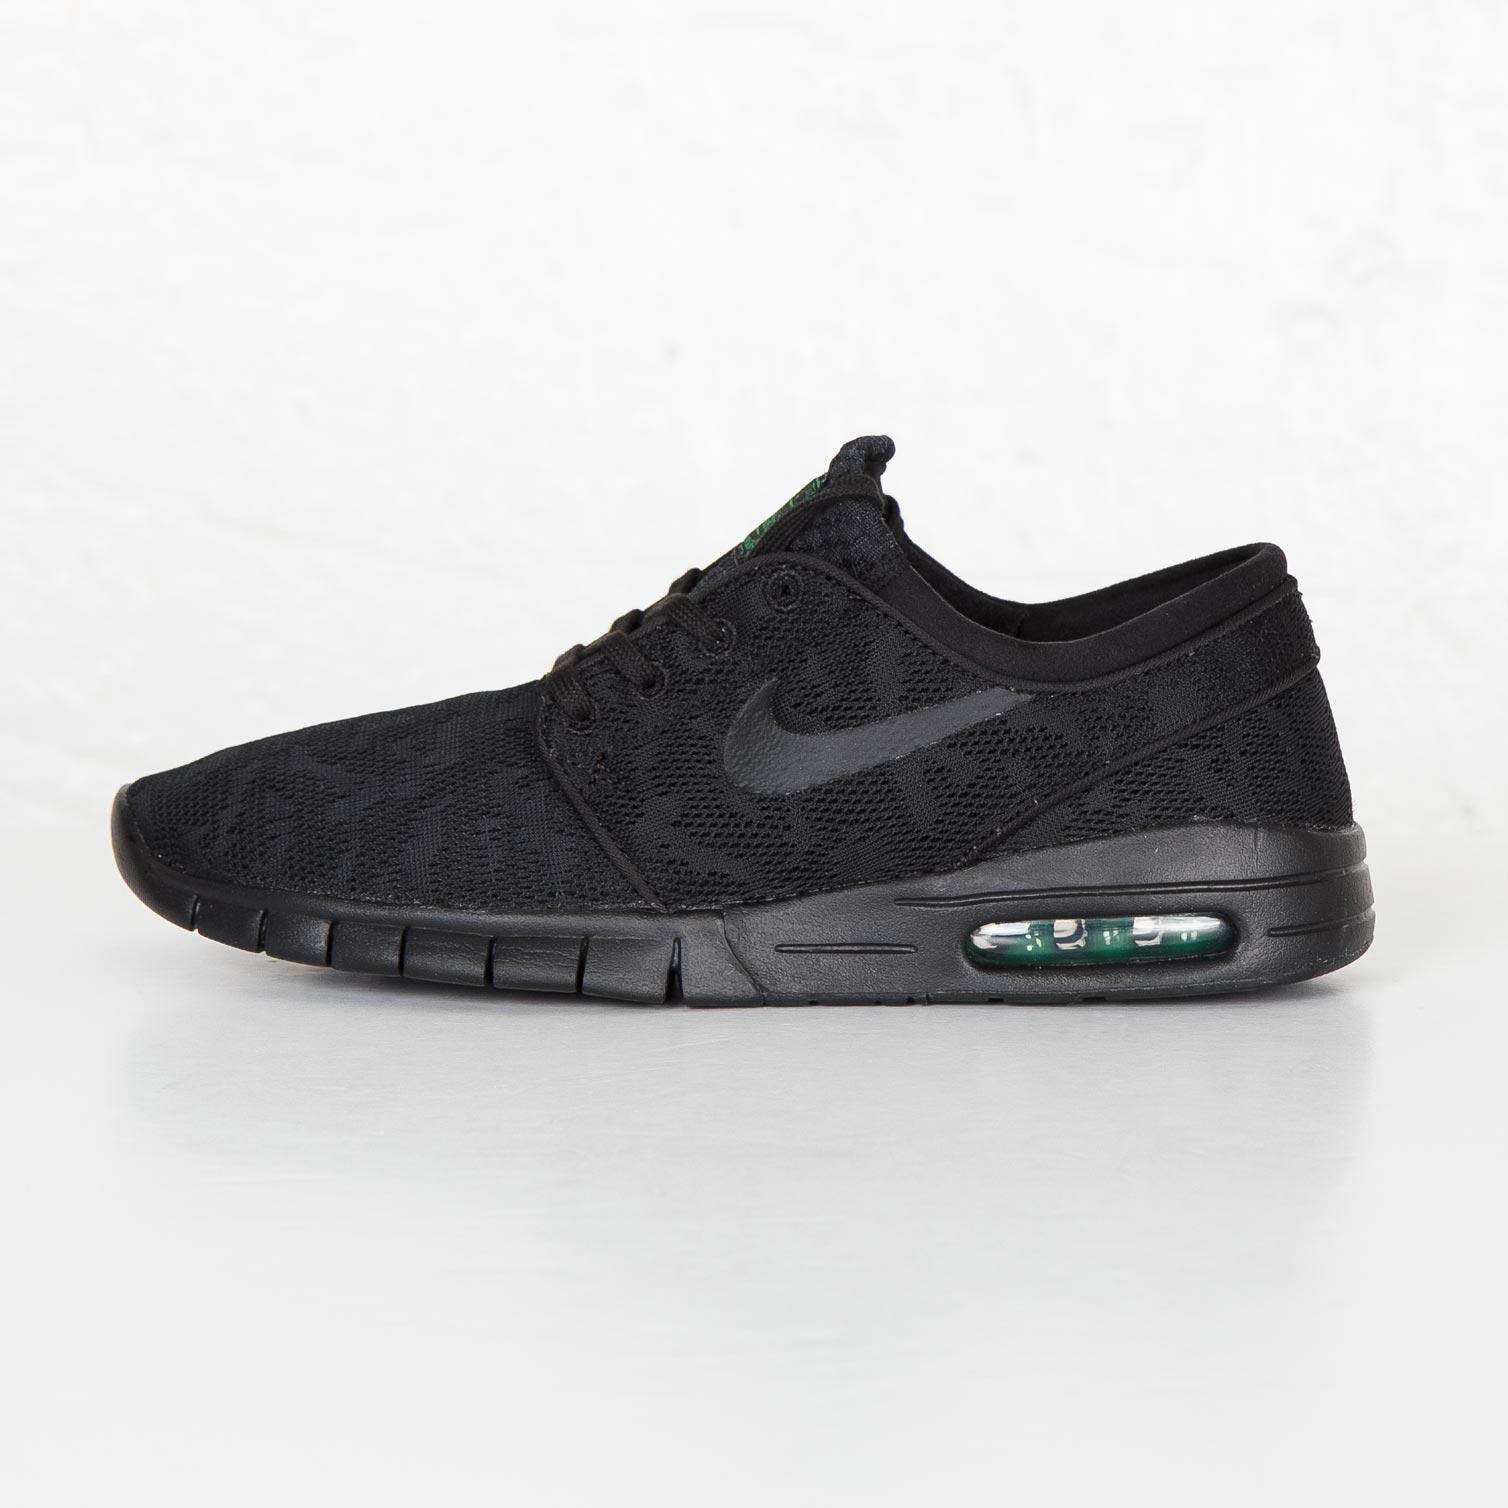 size 40 e9a0a 29710 Nike Stefan Janoski Max - 631303-003 - Sneakersnstuff   sneakers    streetwear online since 1999